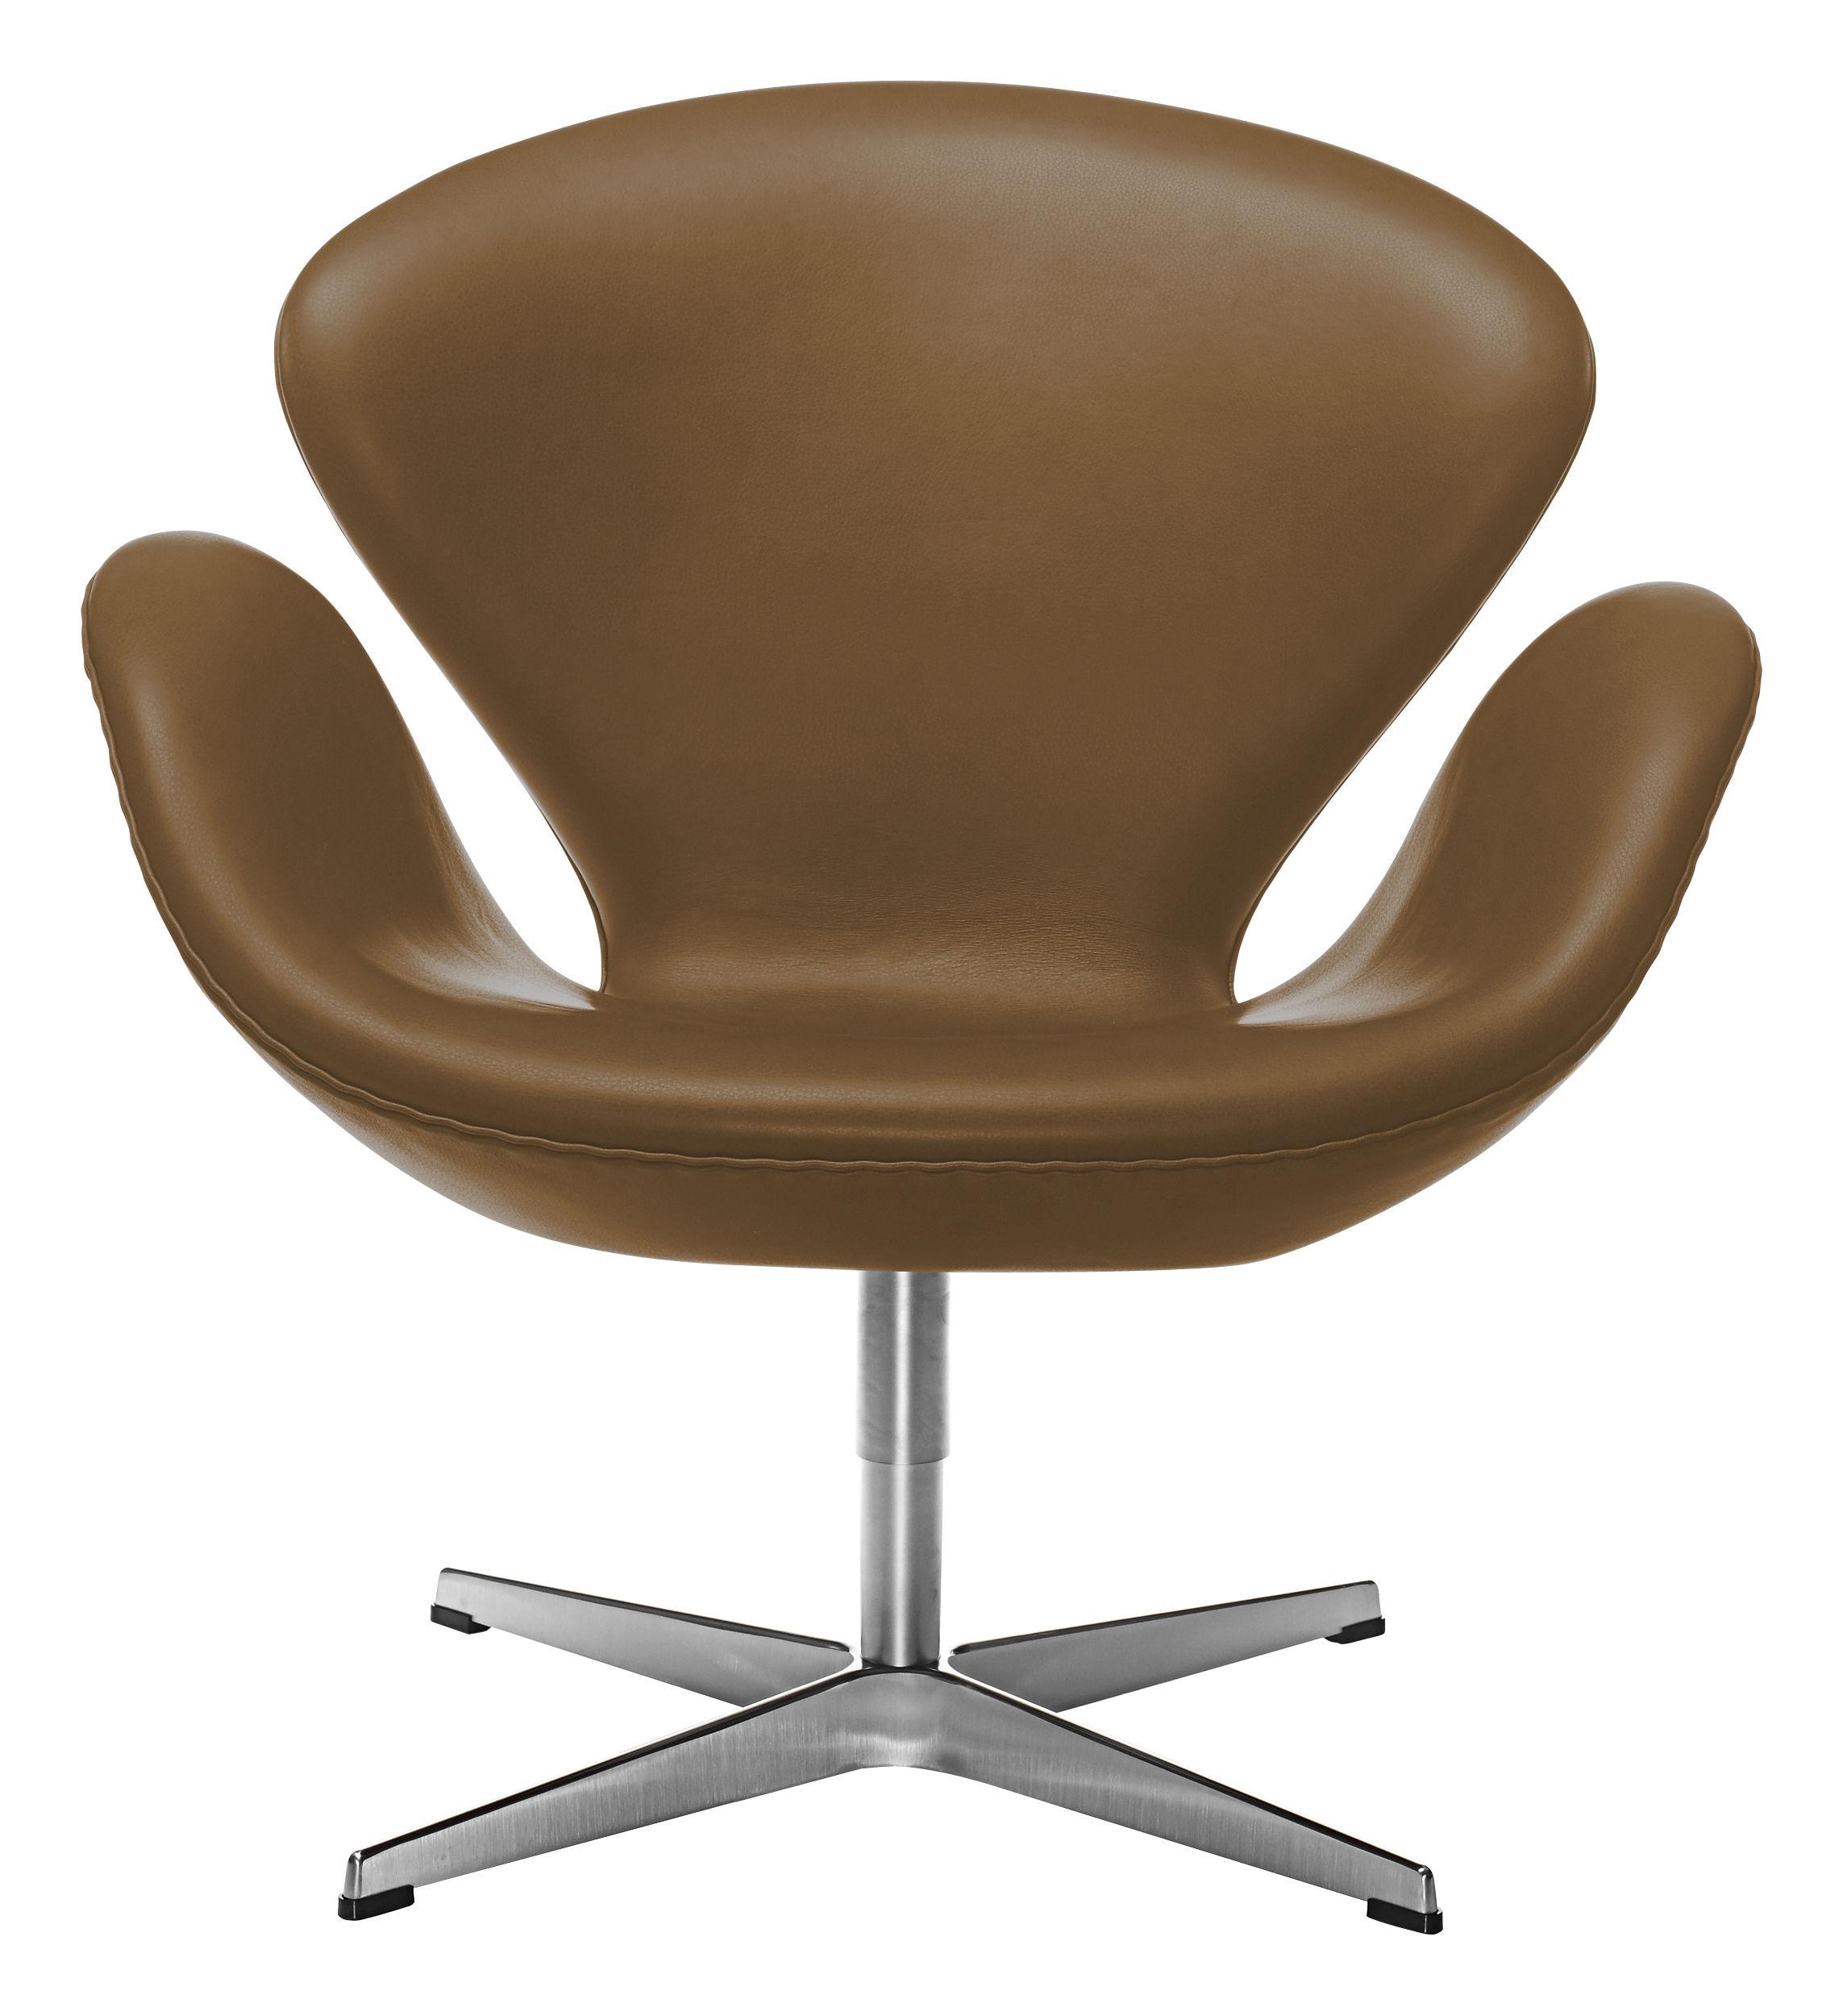 Arredamento - Poltrone design  - Poltrona girevole Swan chair - pelle di Fritz Hansen - Pelle marrone - Alluminio, Espanso, Pelle, Resina